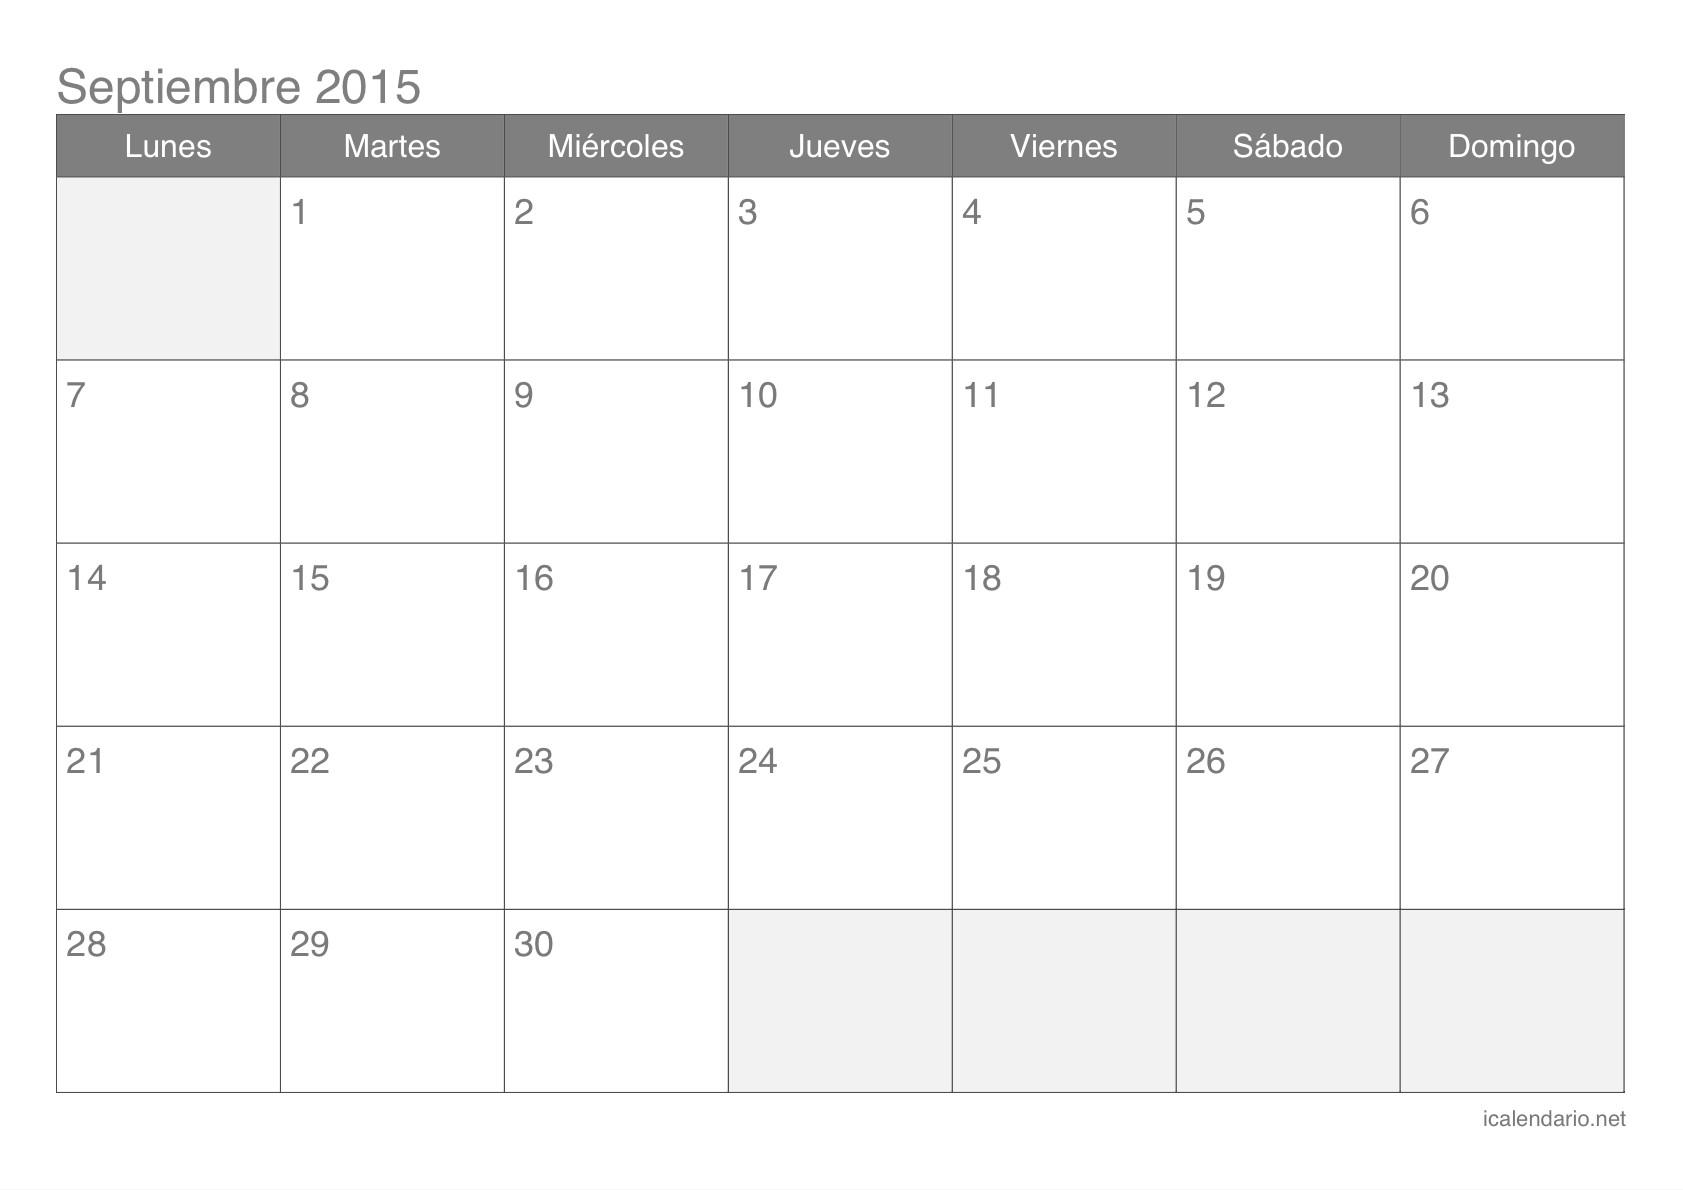 Calendario Lunar 2019 Colombia Más Recientes Best Calendario Mes De Septiembre 2015 Image Collection Of Calendario Lunar 2019 Colombia Más Recientes Calendarphone Best Calendar Online Website with Plete Calendar